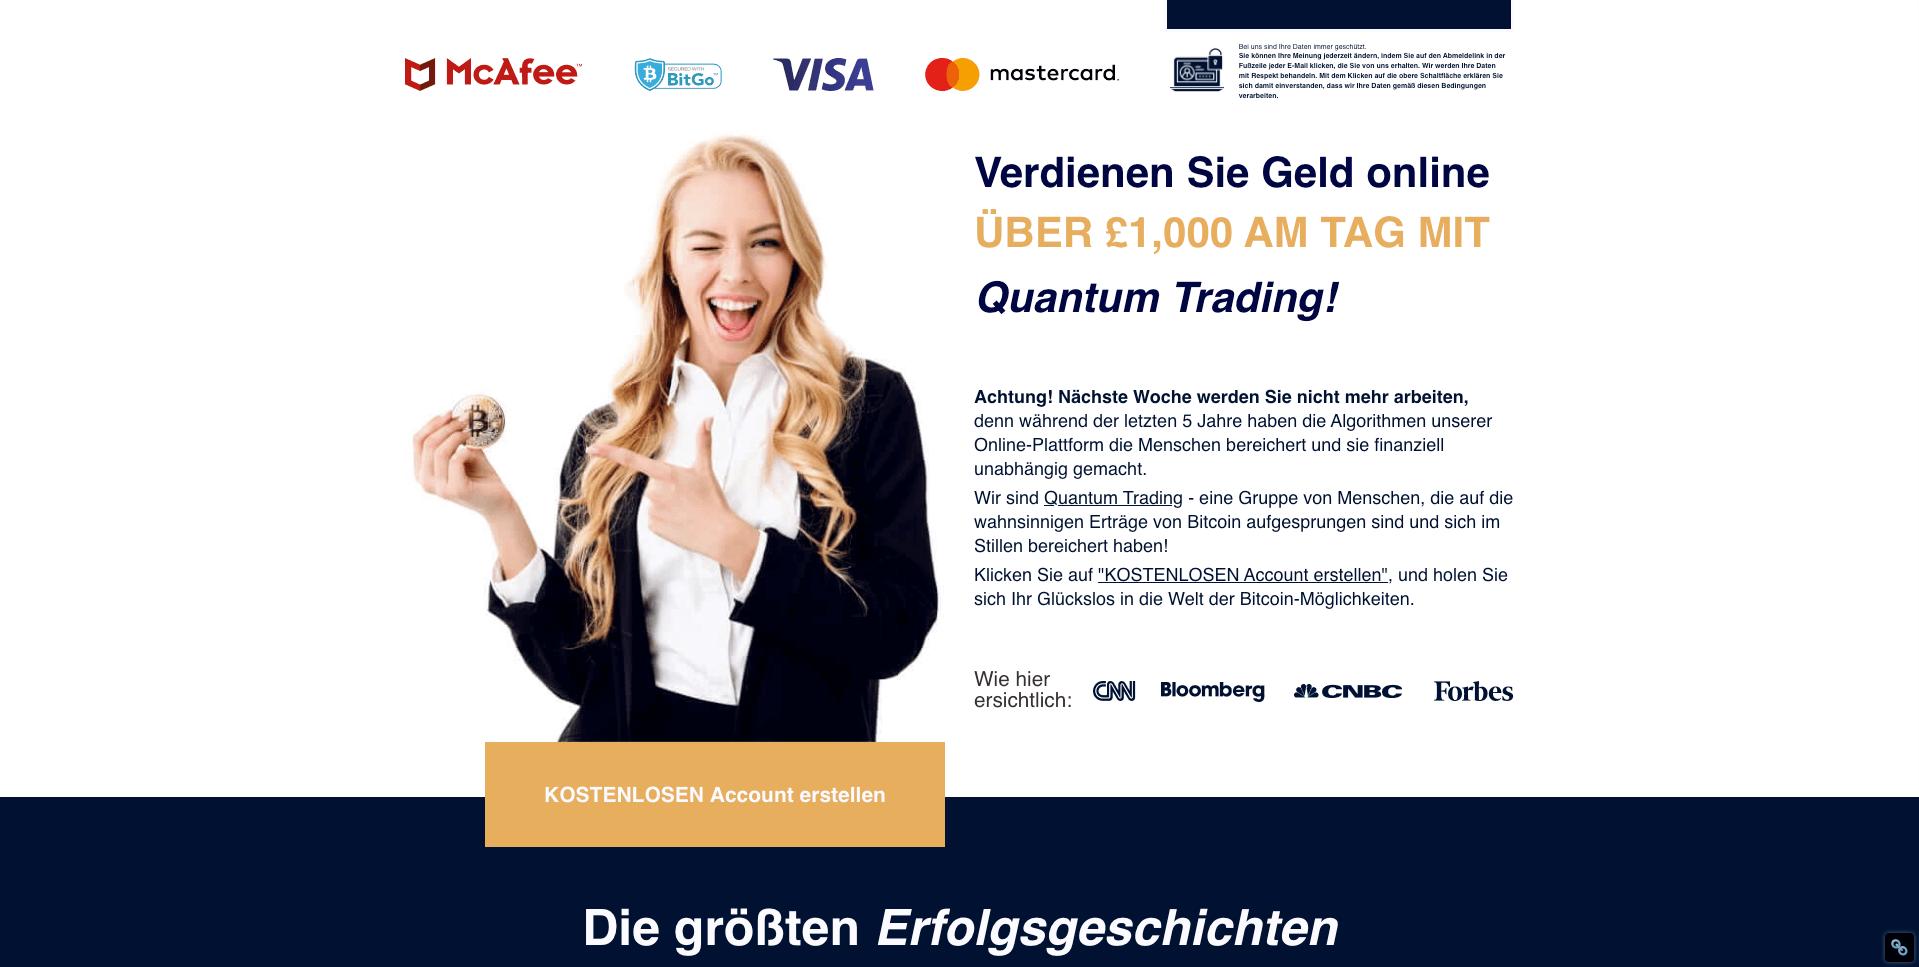 Quantum Trading geld verdienen